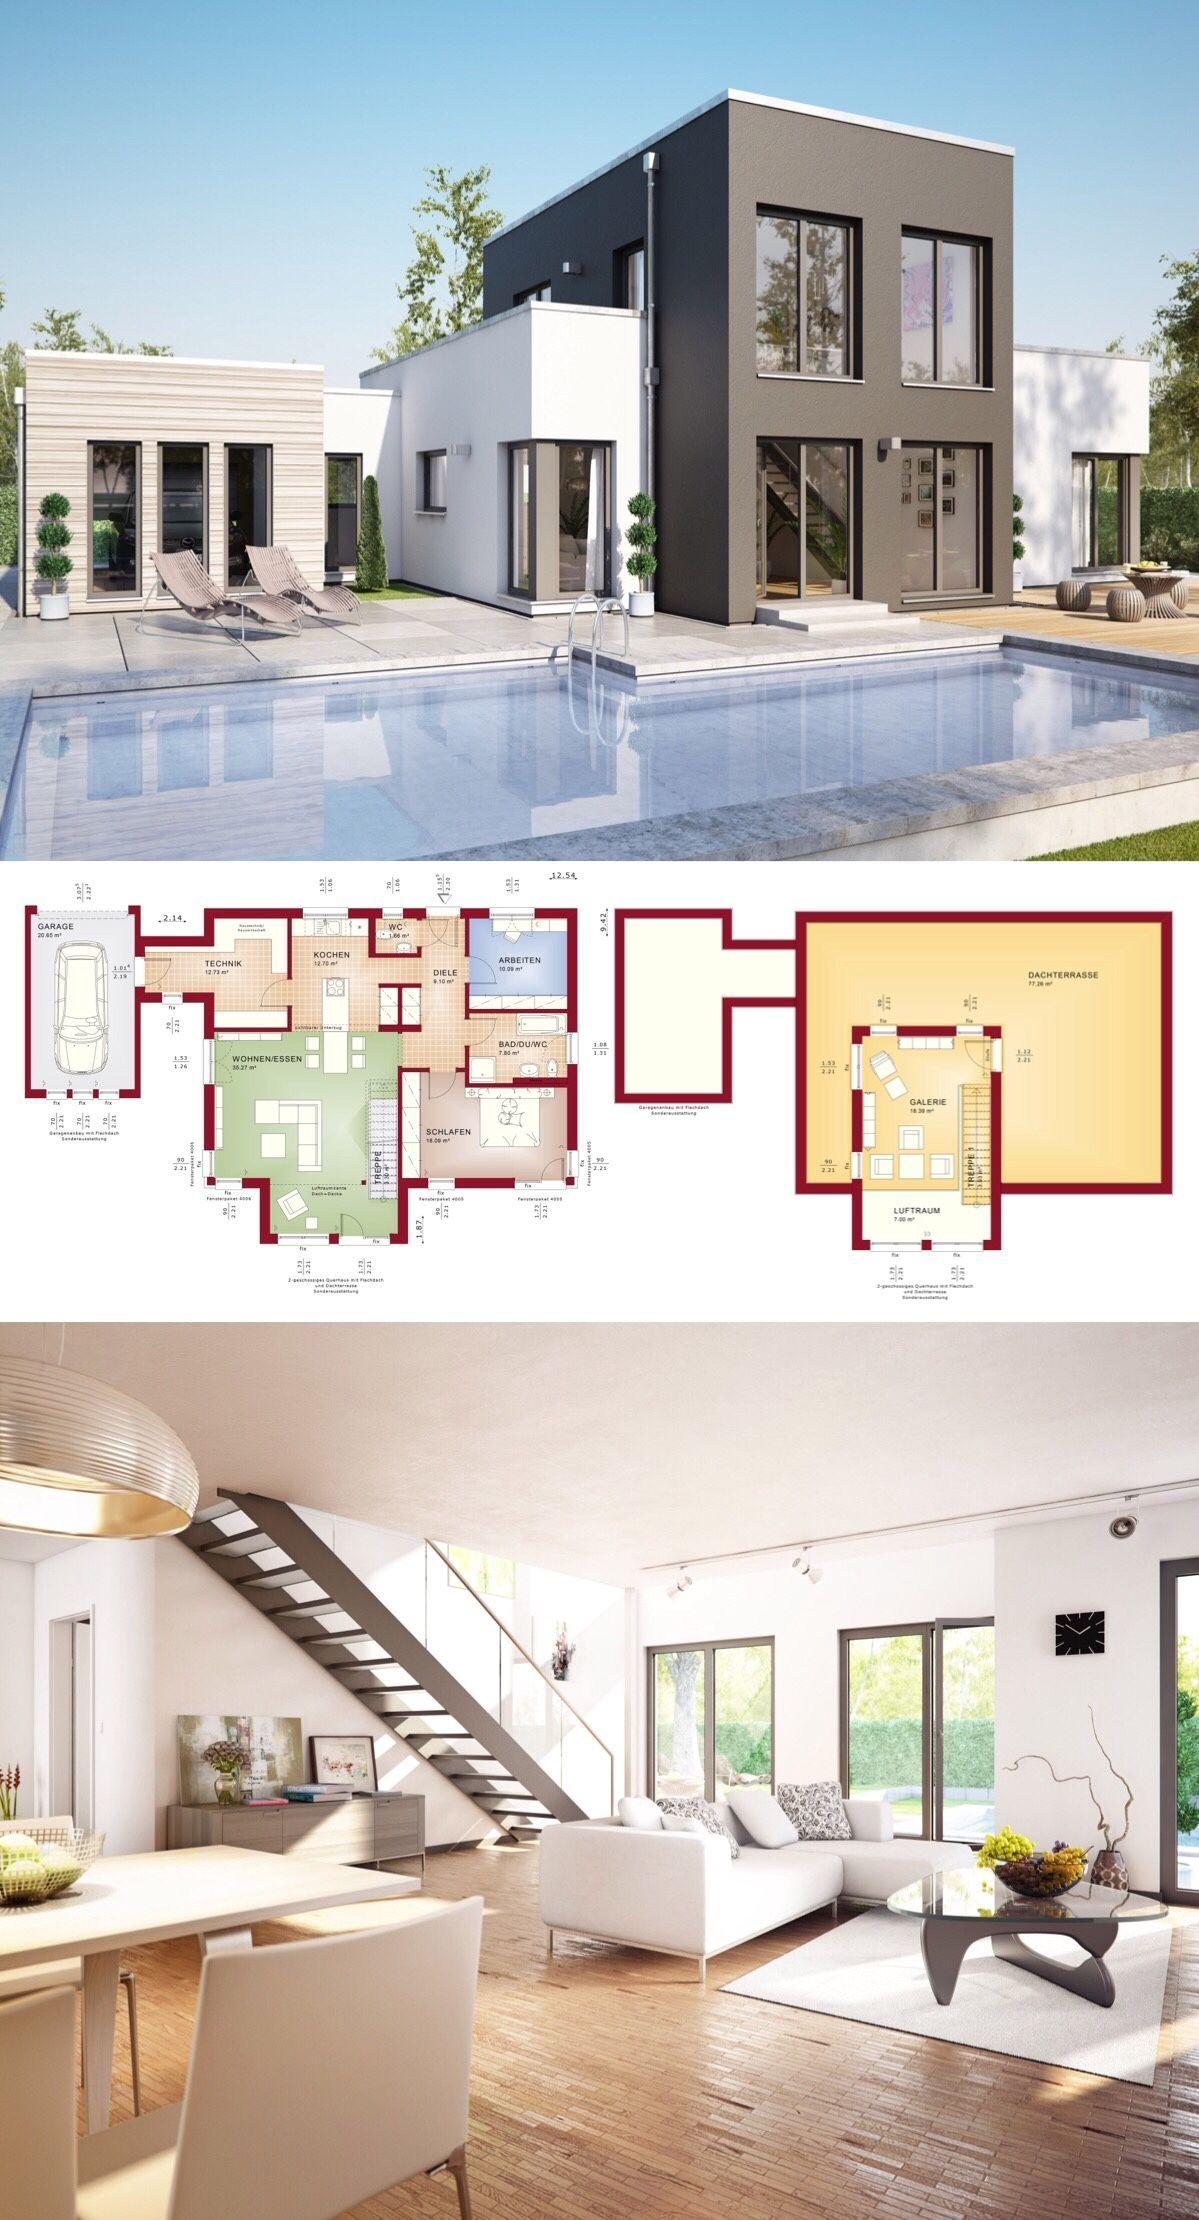 Bungalow Haus Design Mit Flachdach Architektur 4 Zimmer Grundriss Mit Garage Galerie Pool Terrasse Innenein Bungalow Haus Design Haus Design Haus Bungalow